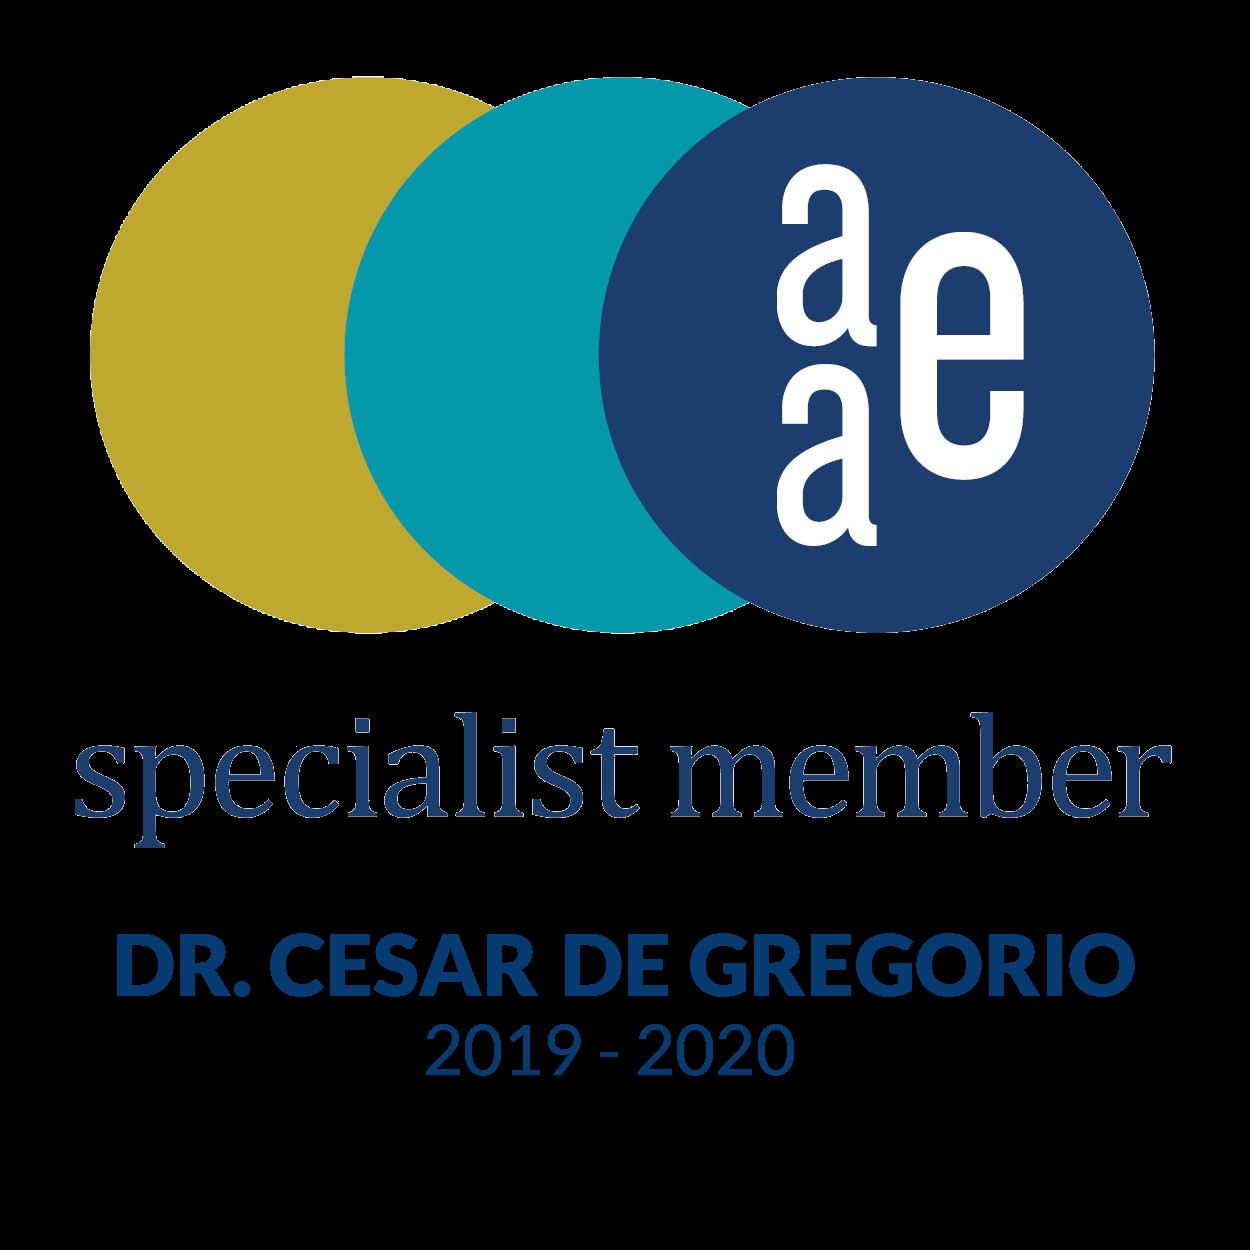 AAE-Logo-Cesar-De-Gregorio-2019-2020